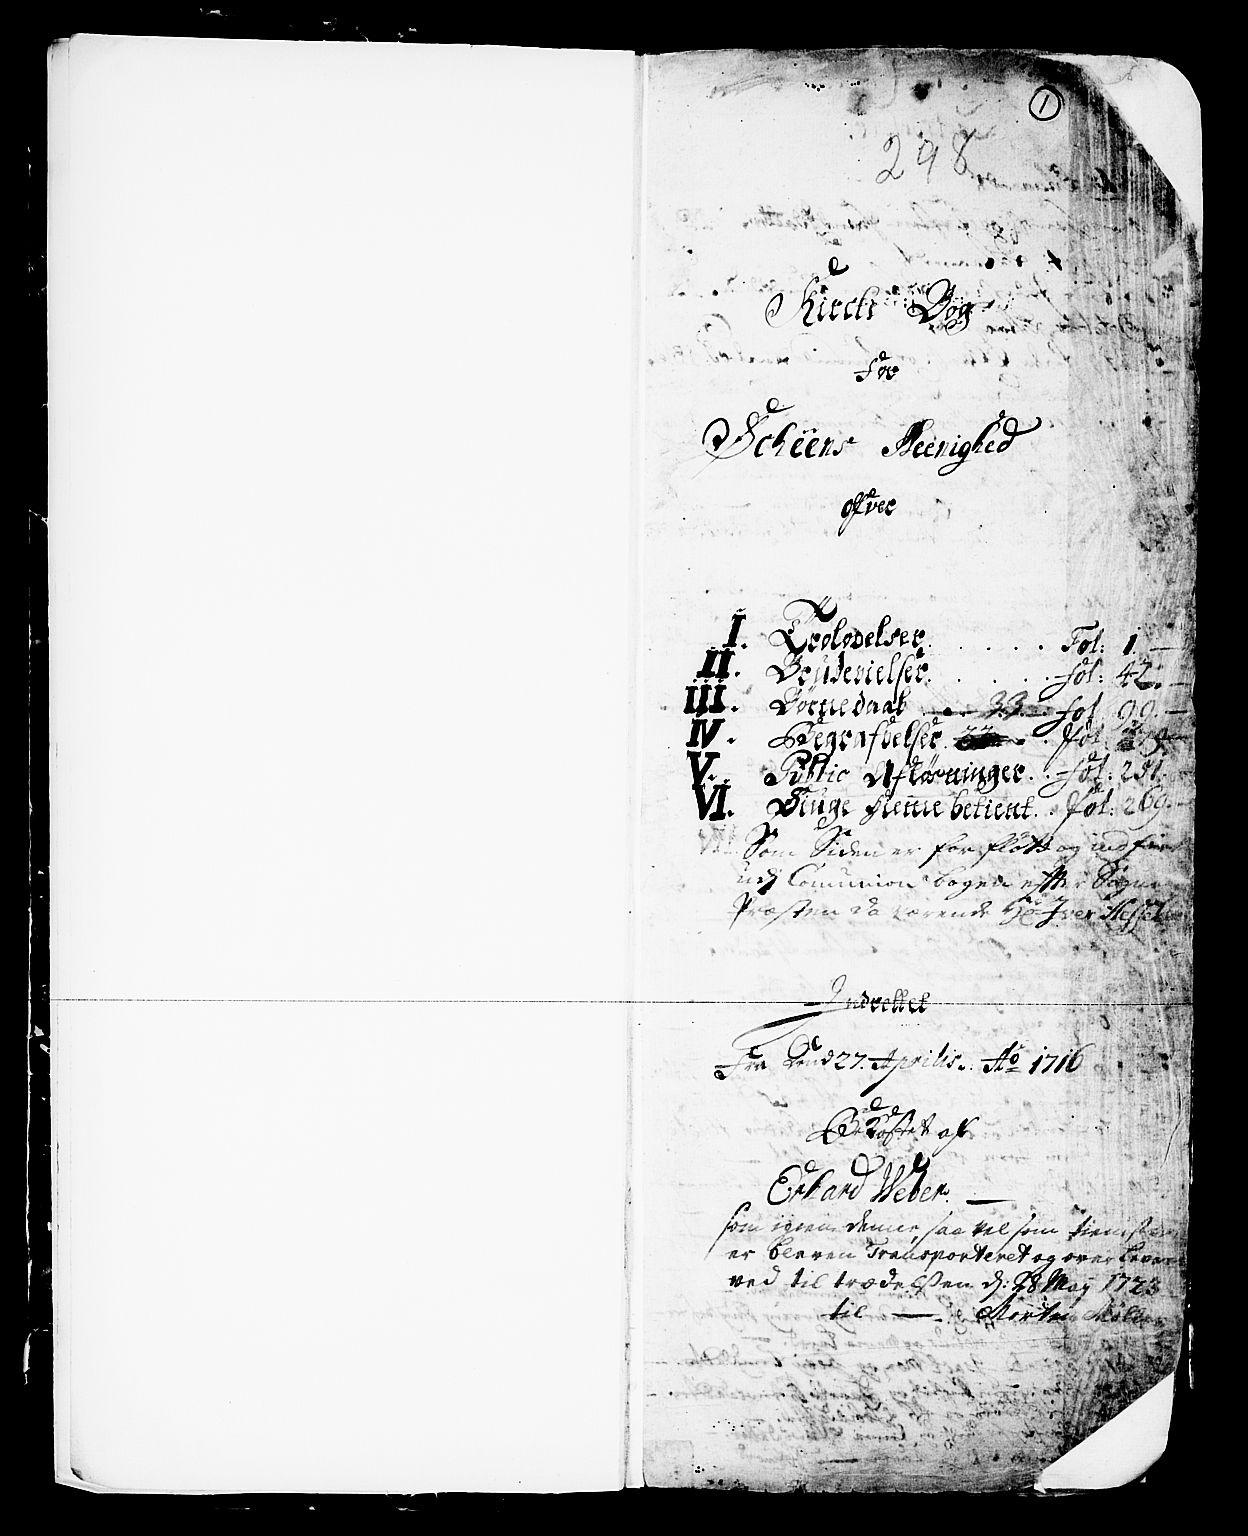 SAKO, Skien kirkebøker, F/Fa/L0002: Ministerialbok nr. 2, 1716-1757, s. 1